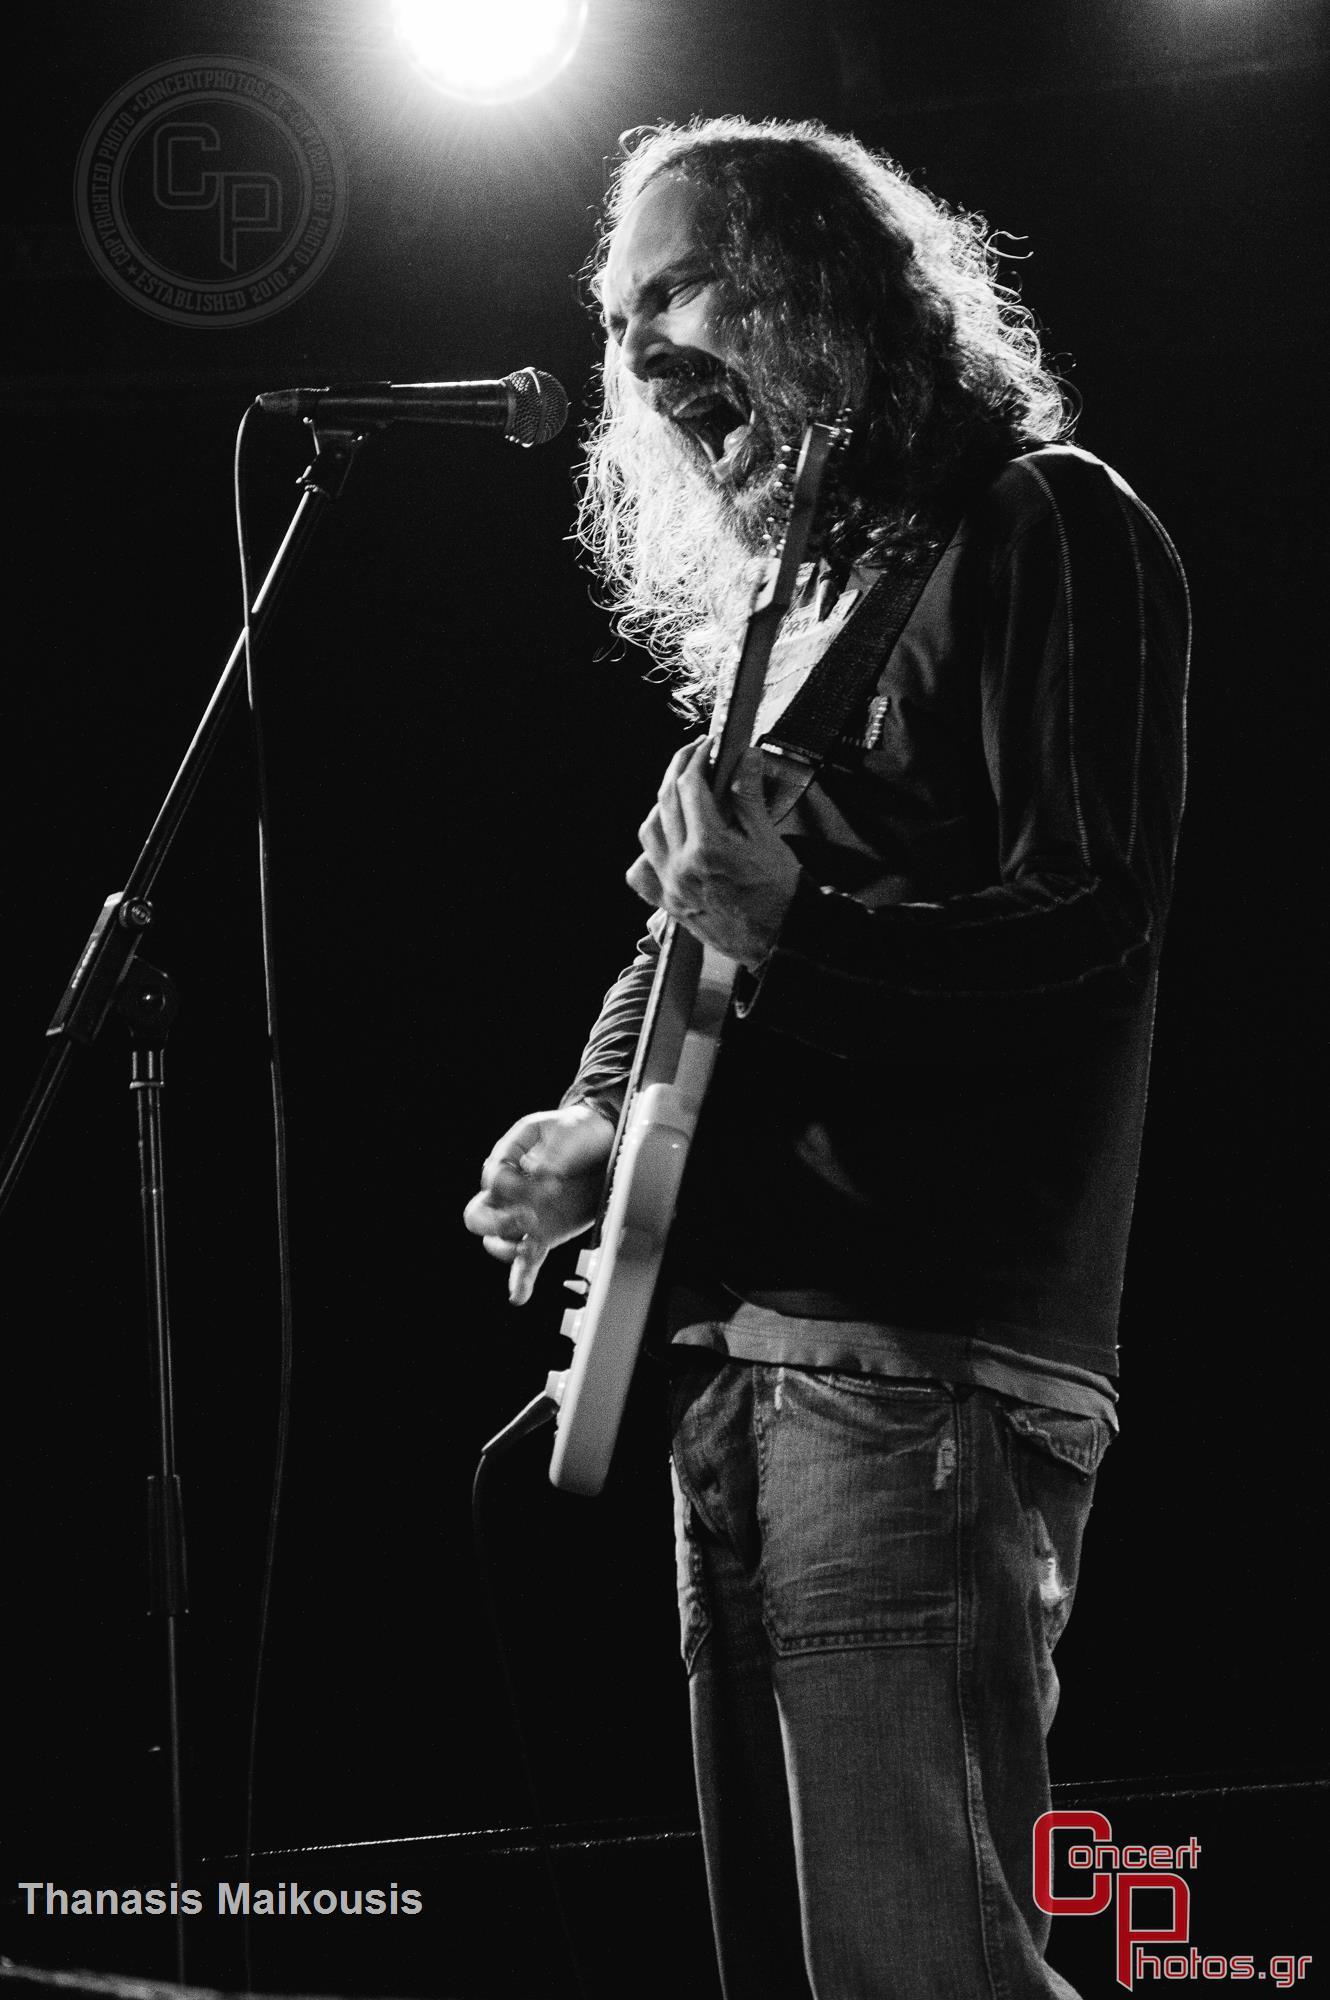 Battle Of The Bands Leg 5-Battle Of The Bands Leg 4 photographer: Thanasis Maikousis - ConcertPhotos - 20150315_2254_13